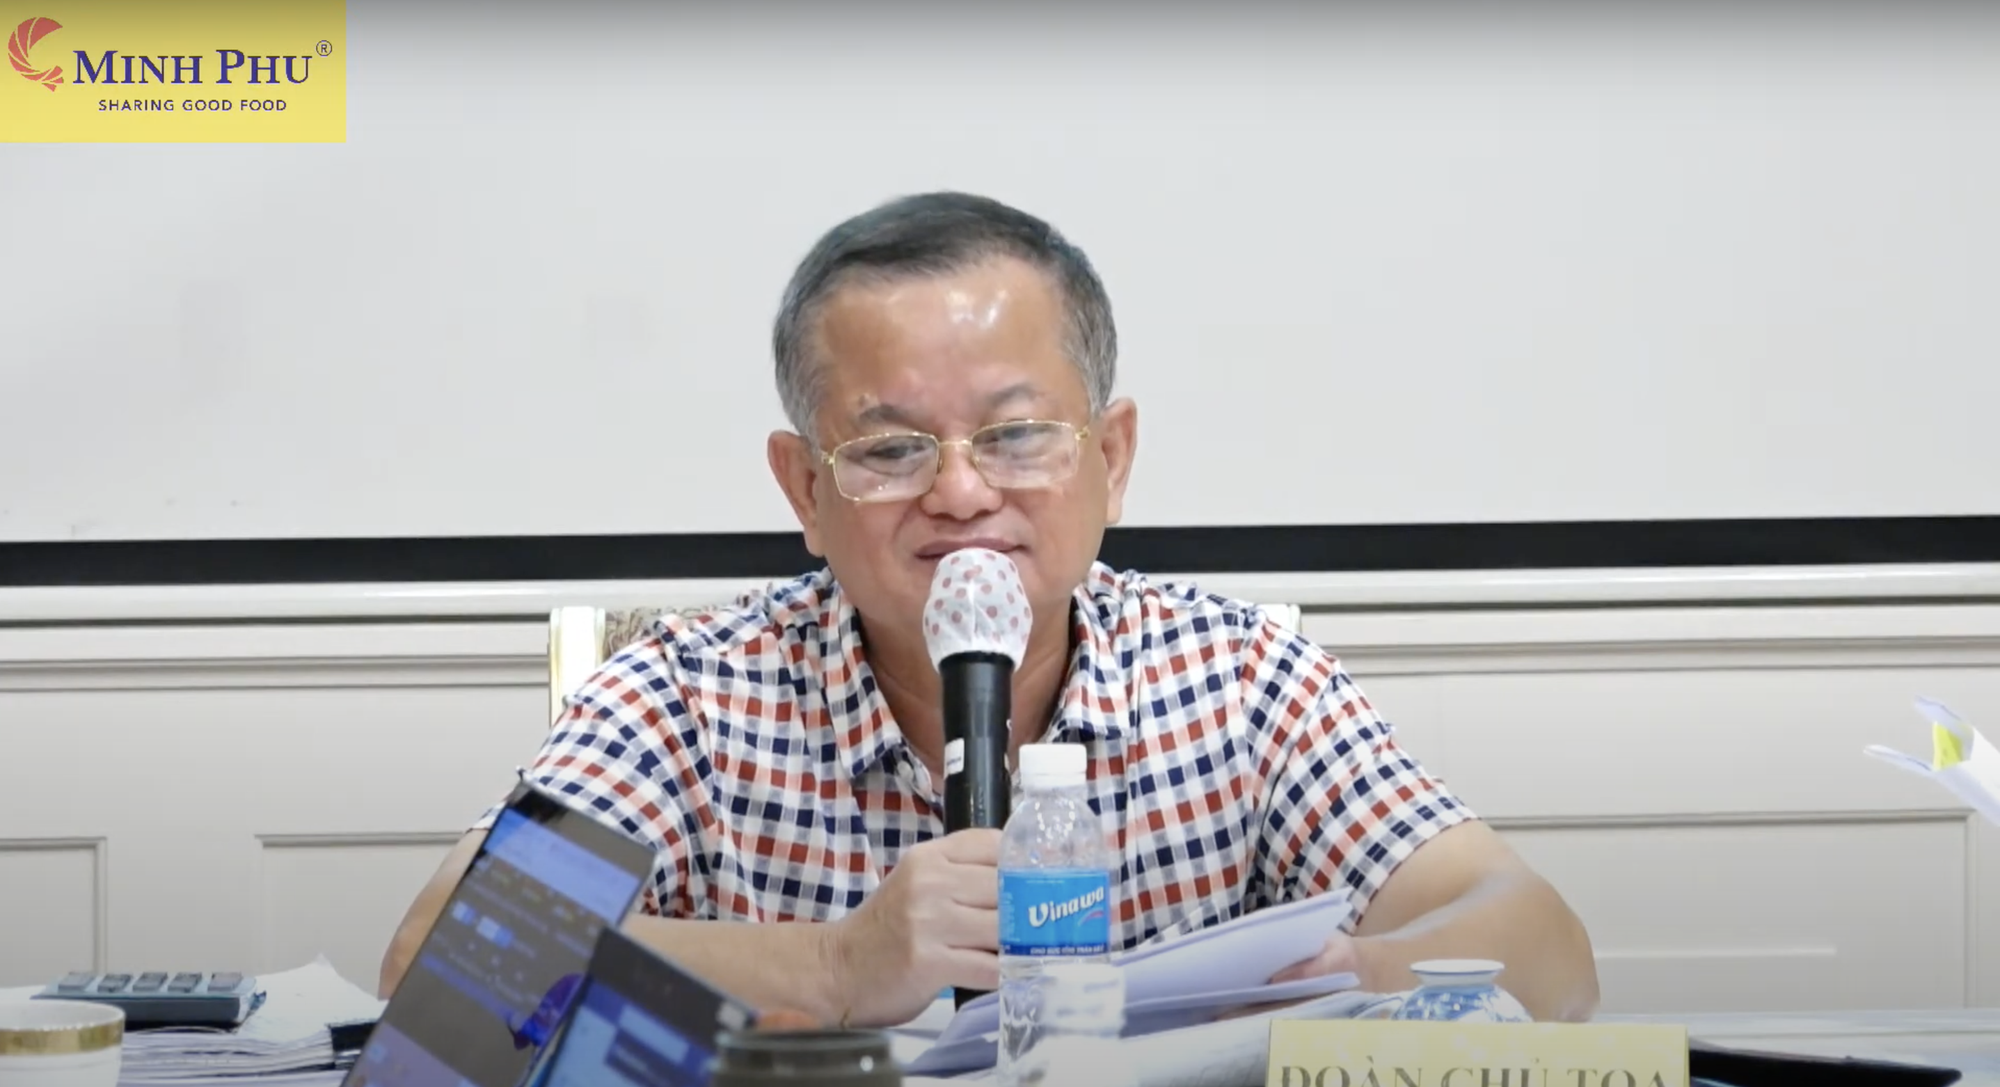 Chủ tịch Minh Phú: Giá tôm sẽ còn tăng mạnh trong tháng 8 - Ảnh 1.